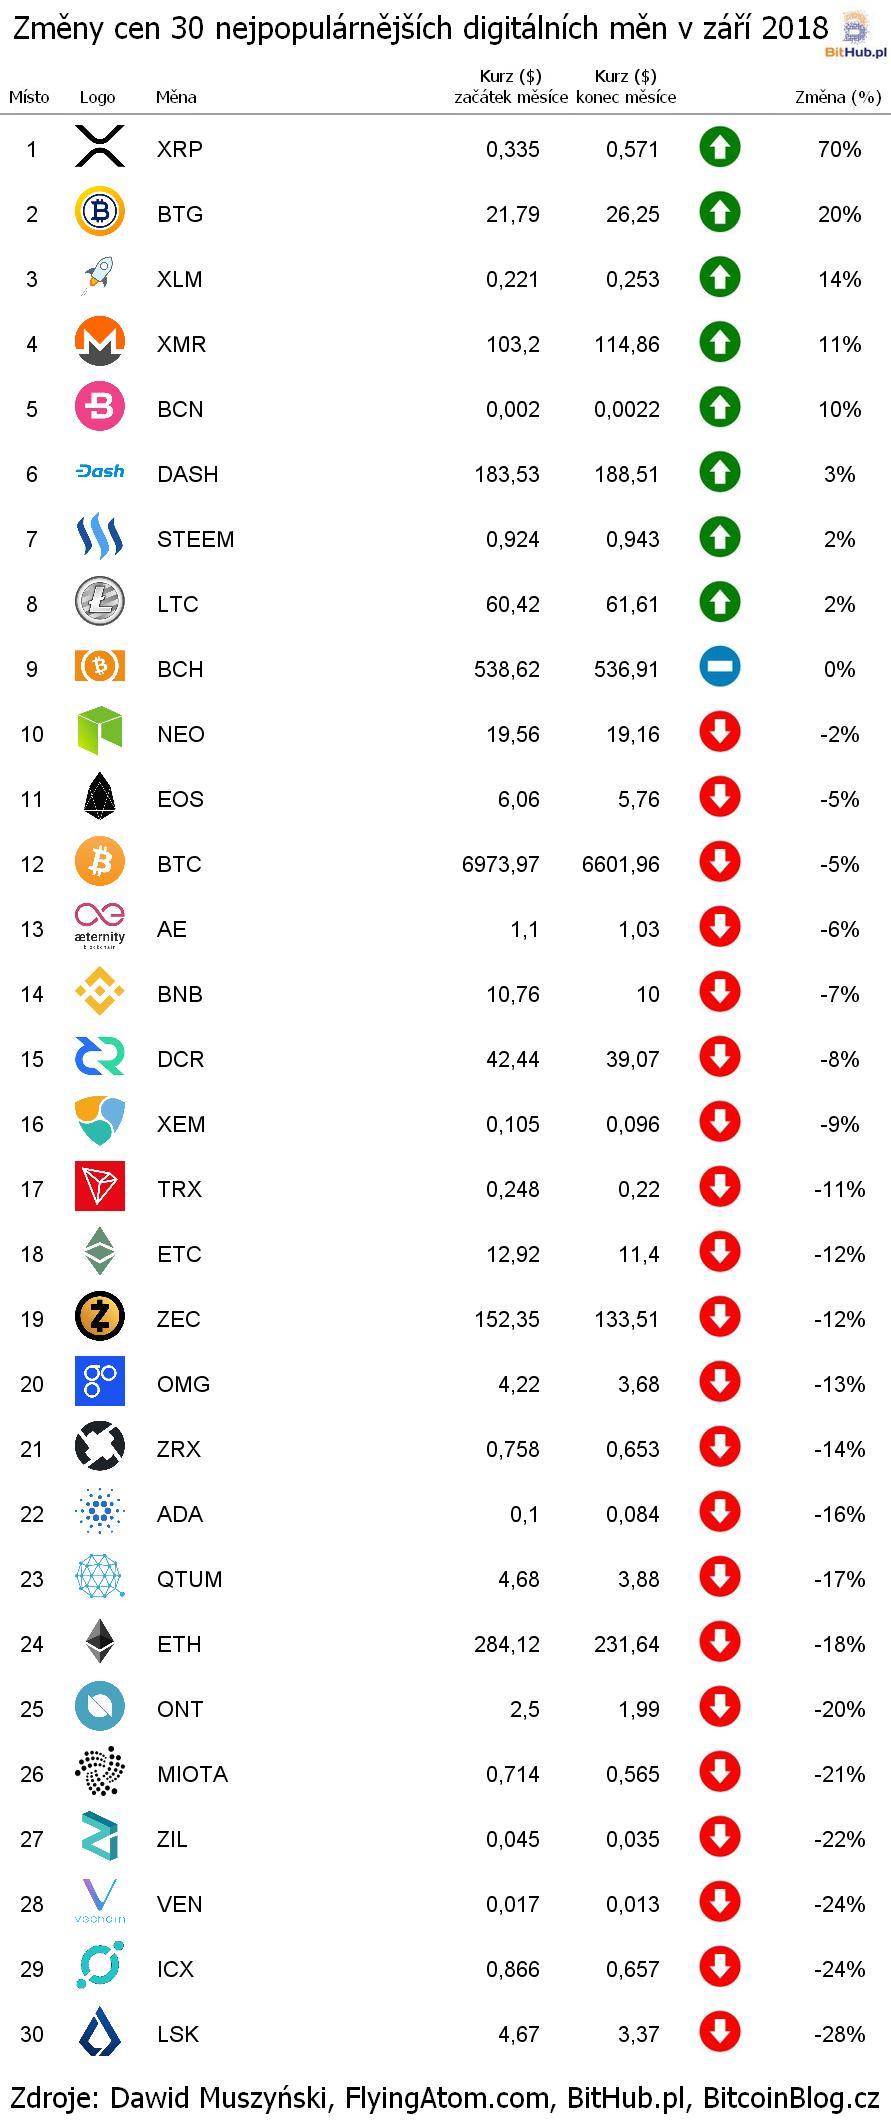 Změny cen nejpopulárnějších digitálních měn (žebříček za září 2018)